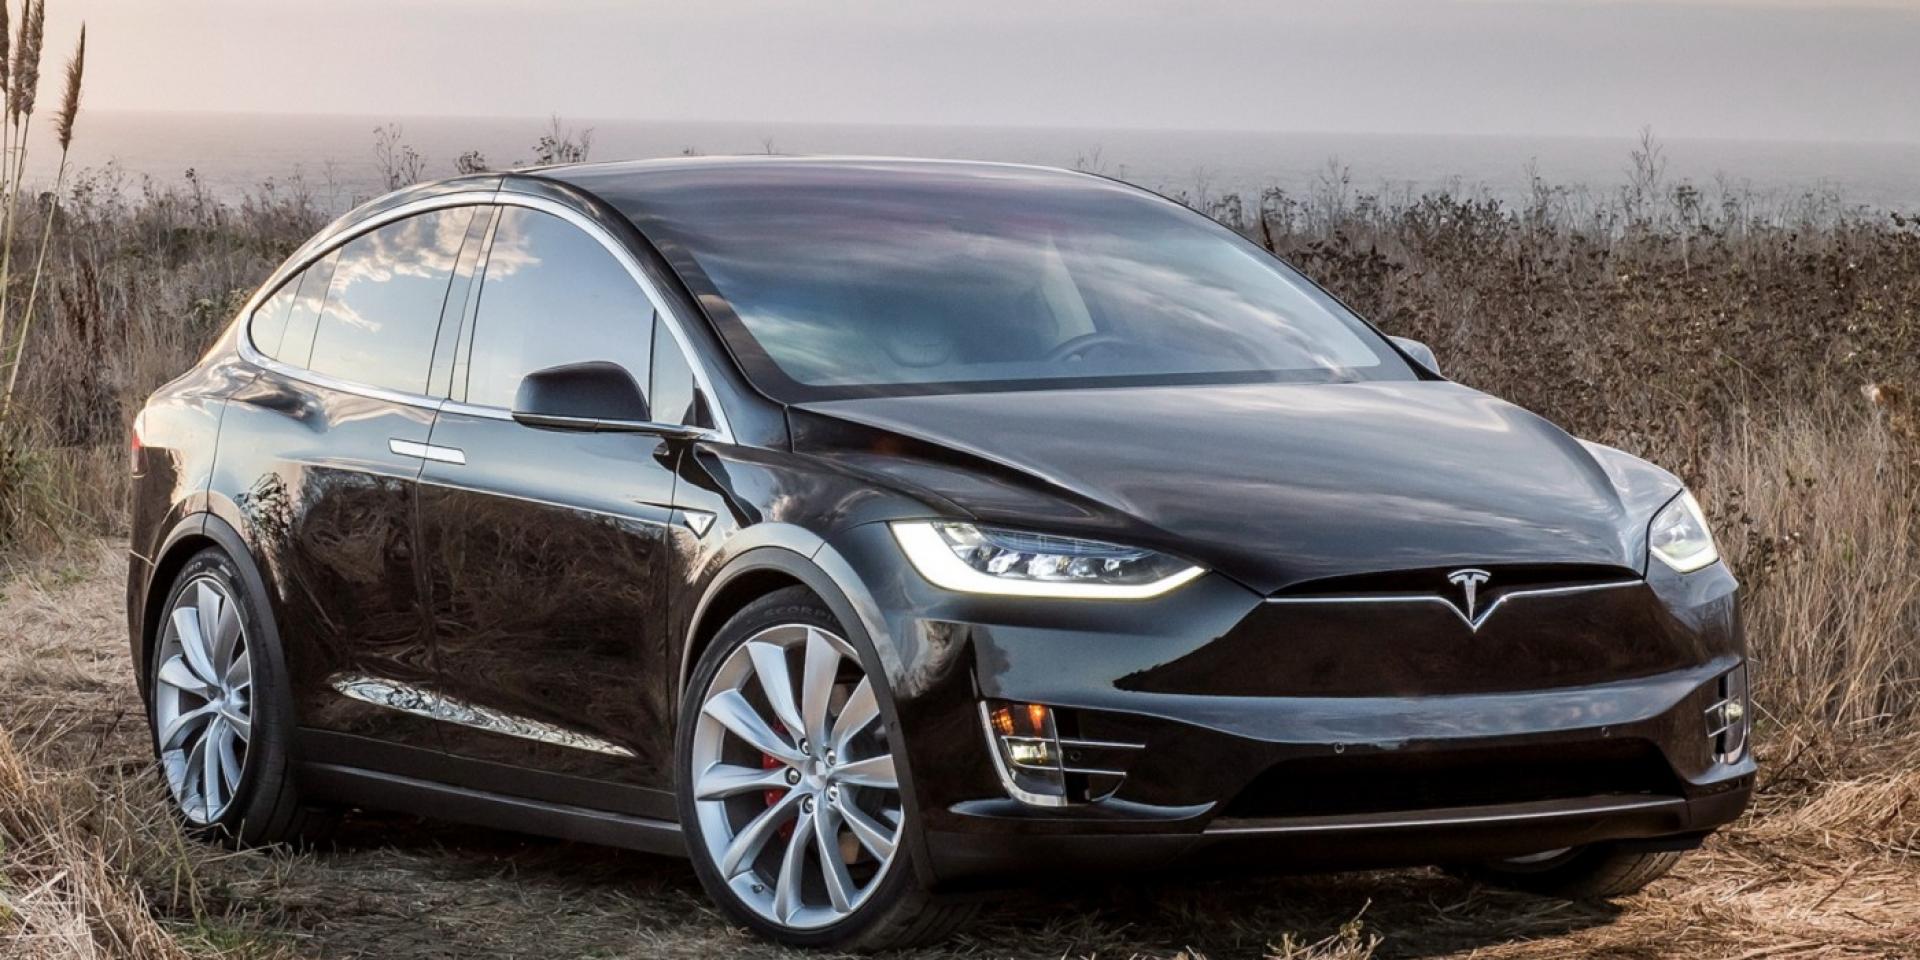 德國汽車管理局稱Tesla必須召回12,000輛Model X車型